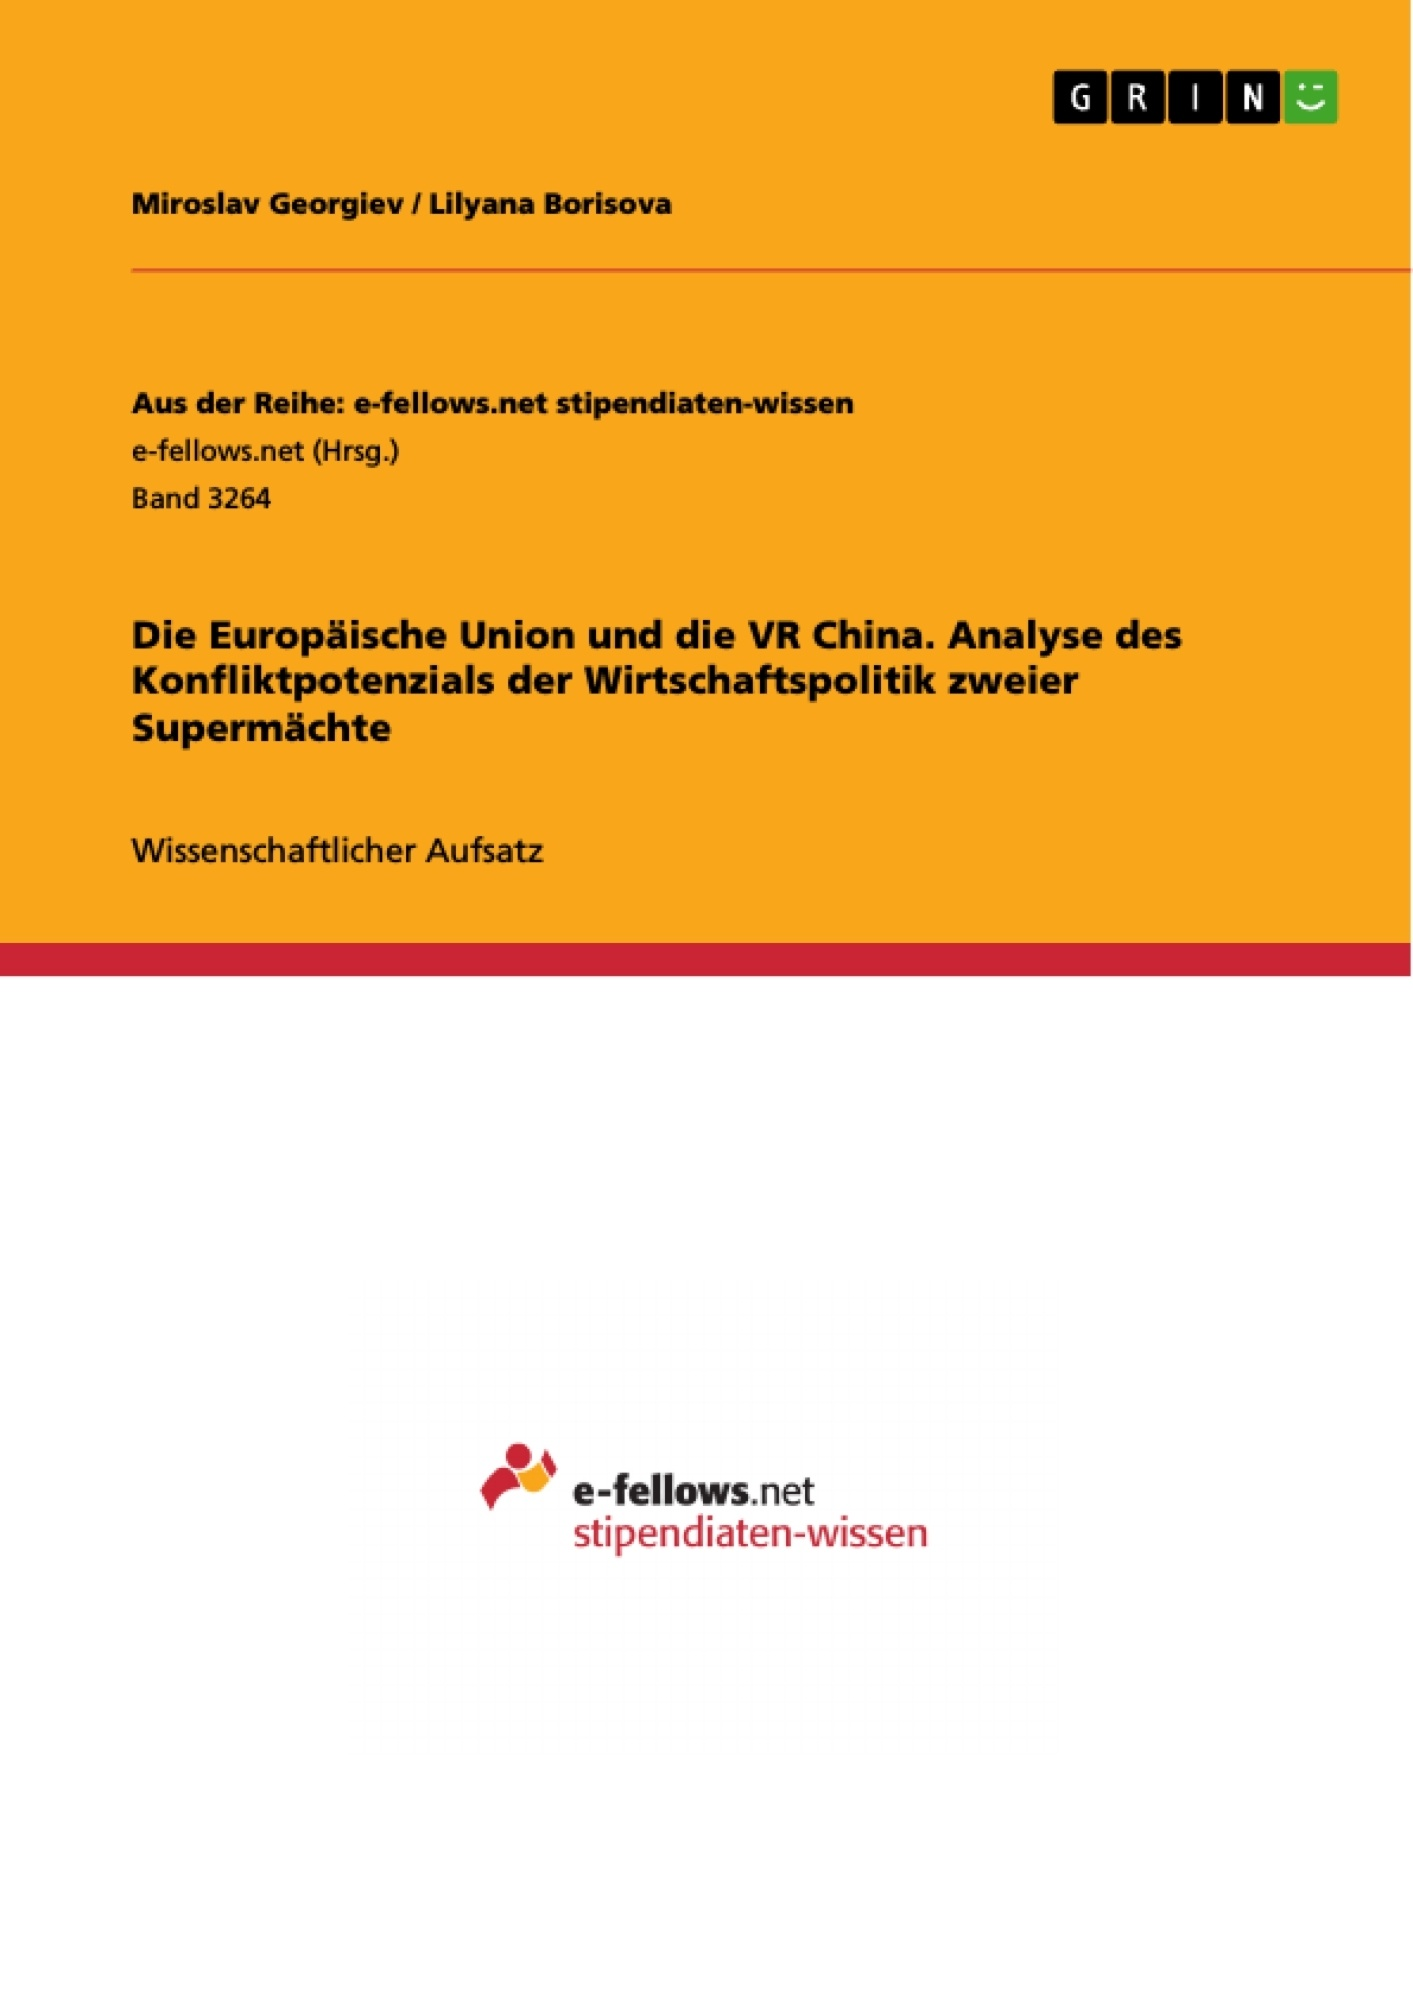 Titel: Die Europäische Union und die VR China. Analyse des Konfliktpotenzials der Wirtschaftspolitik zweier Supermächte